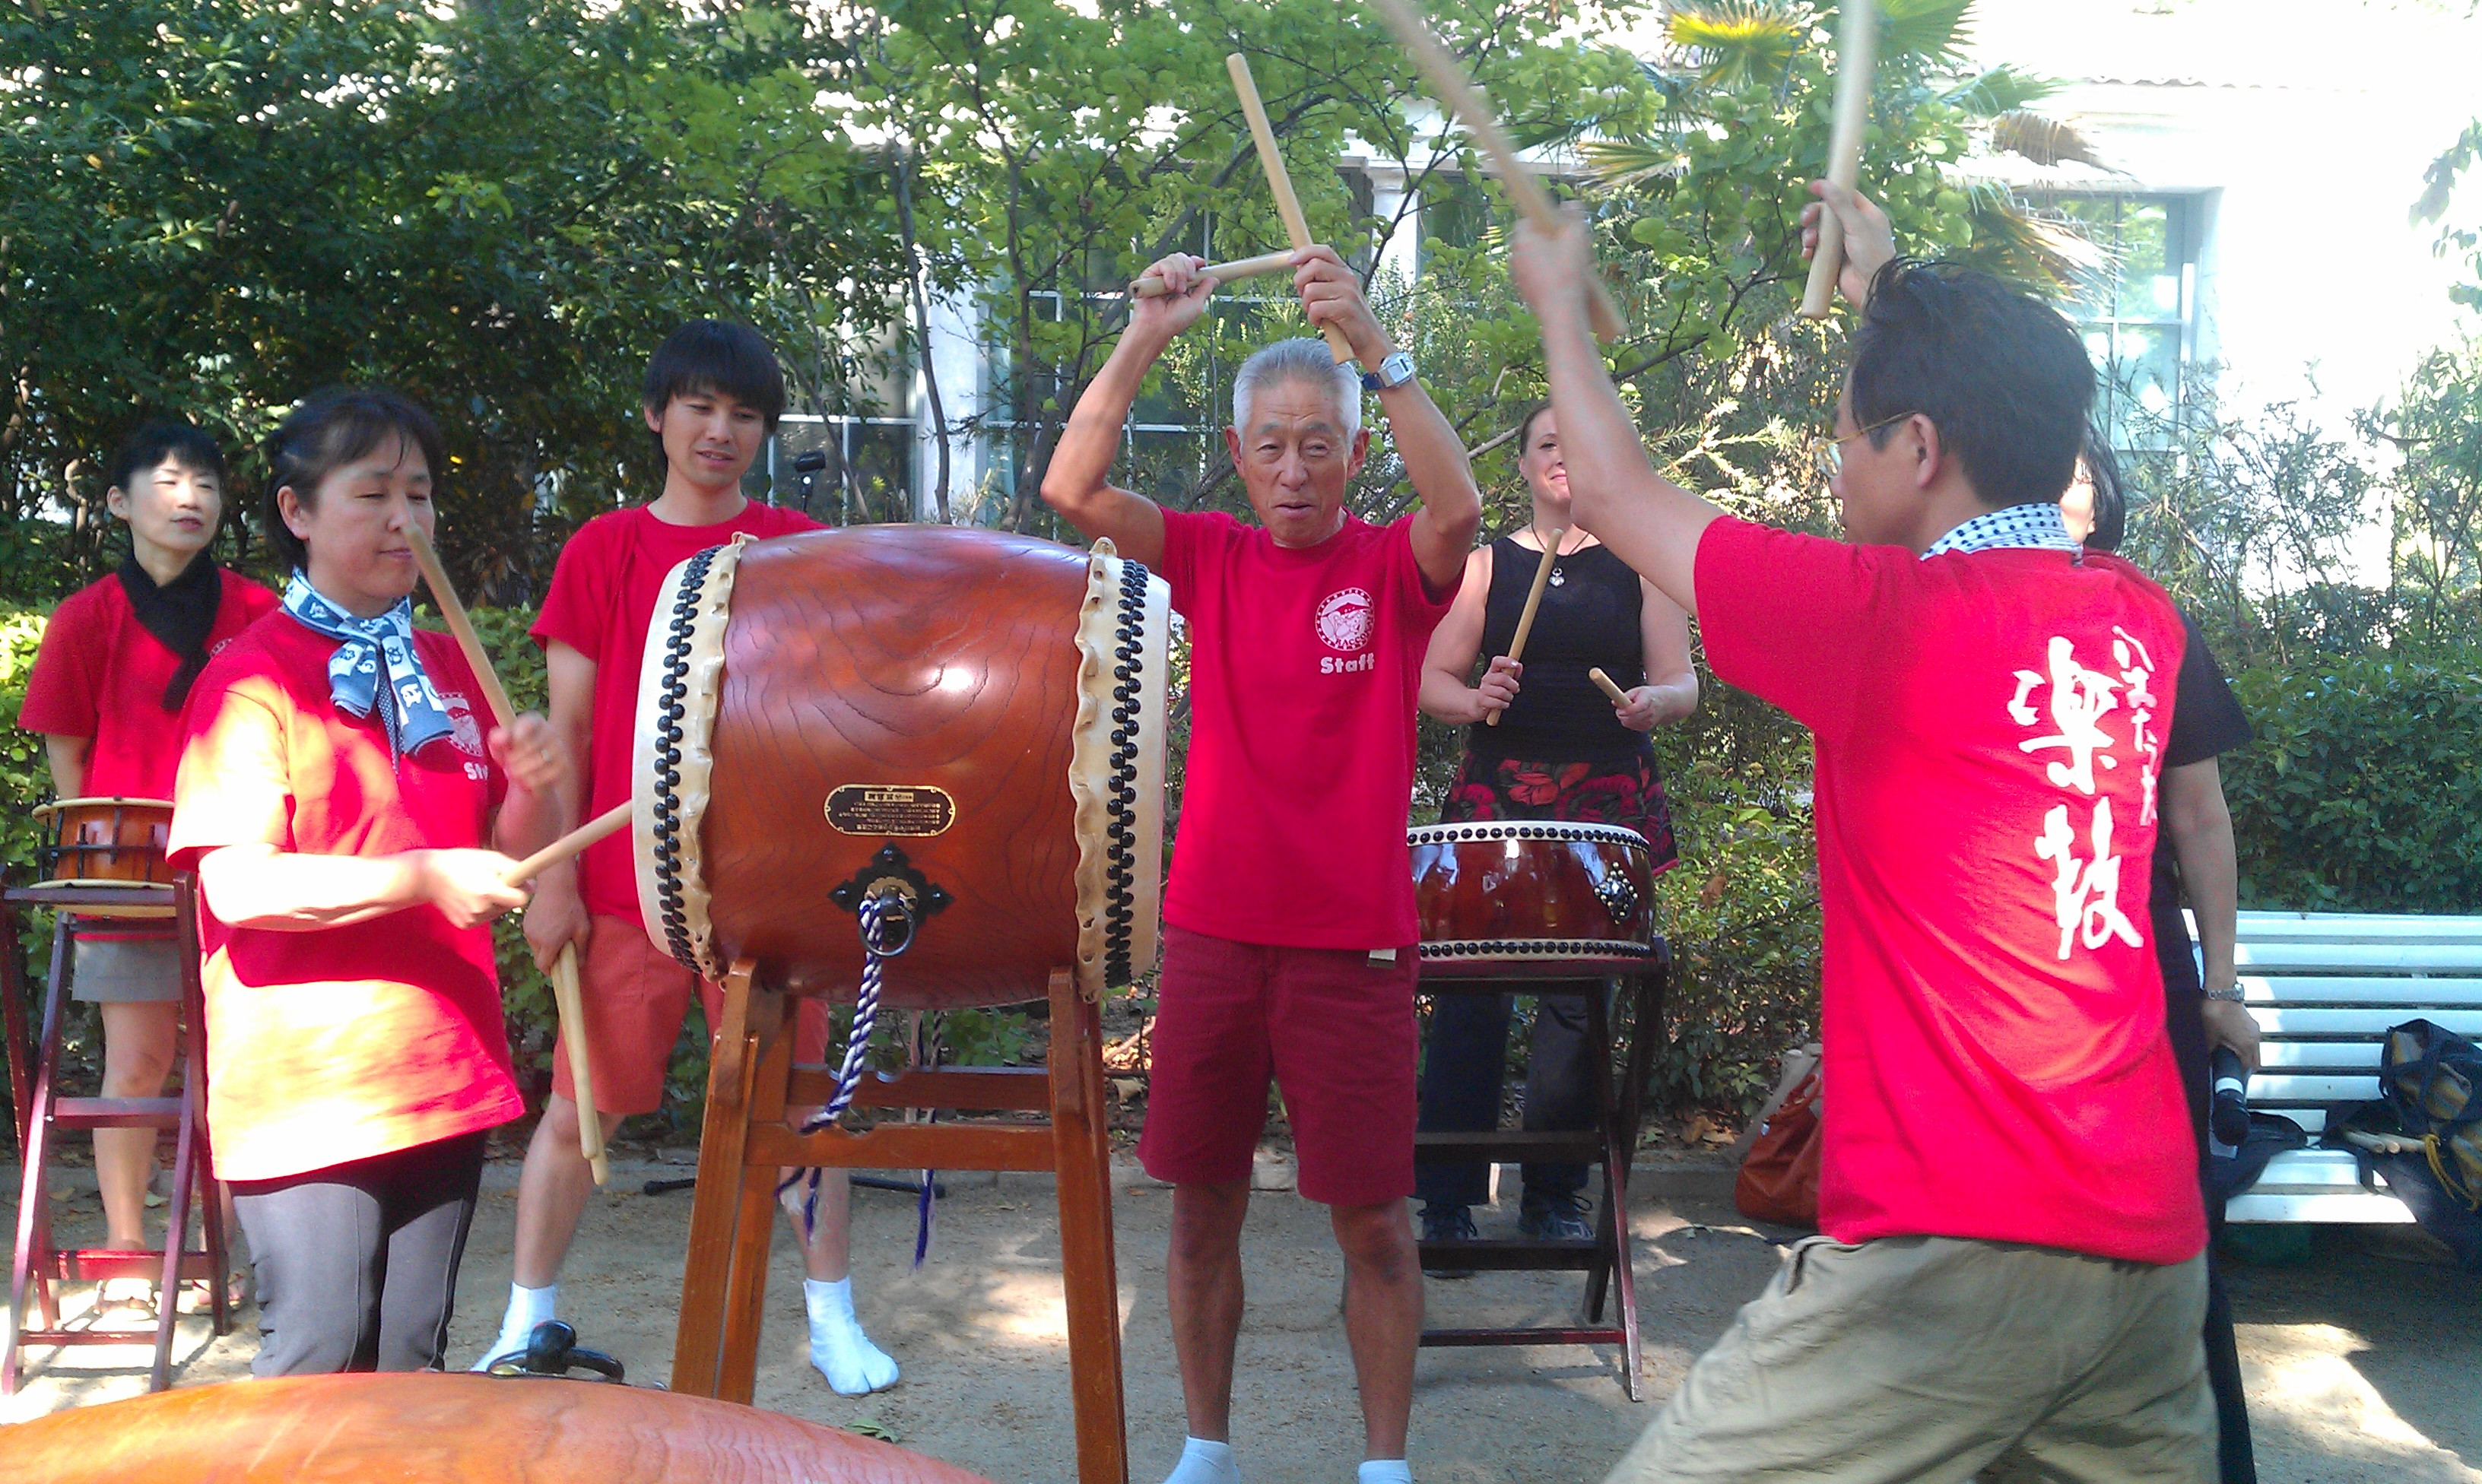 Taiko maestro Hiroo Asanuma 2